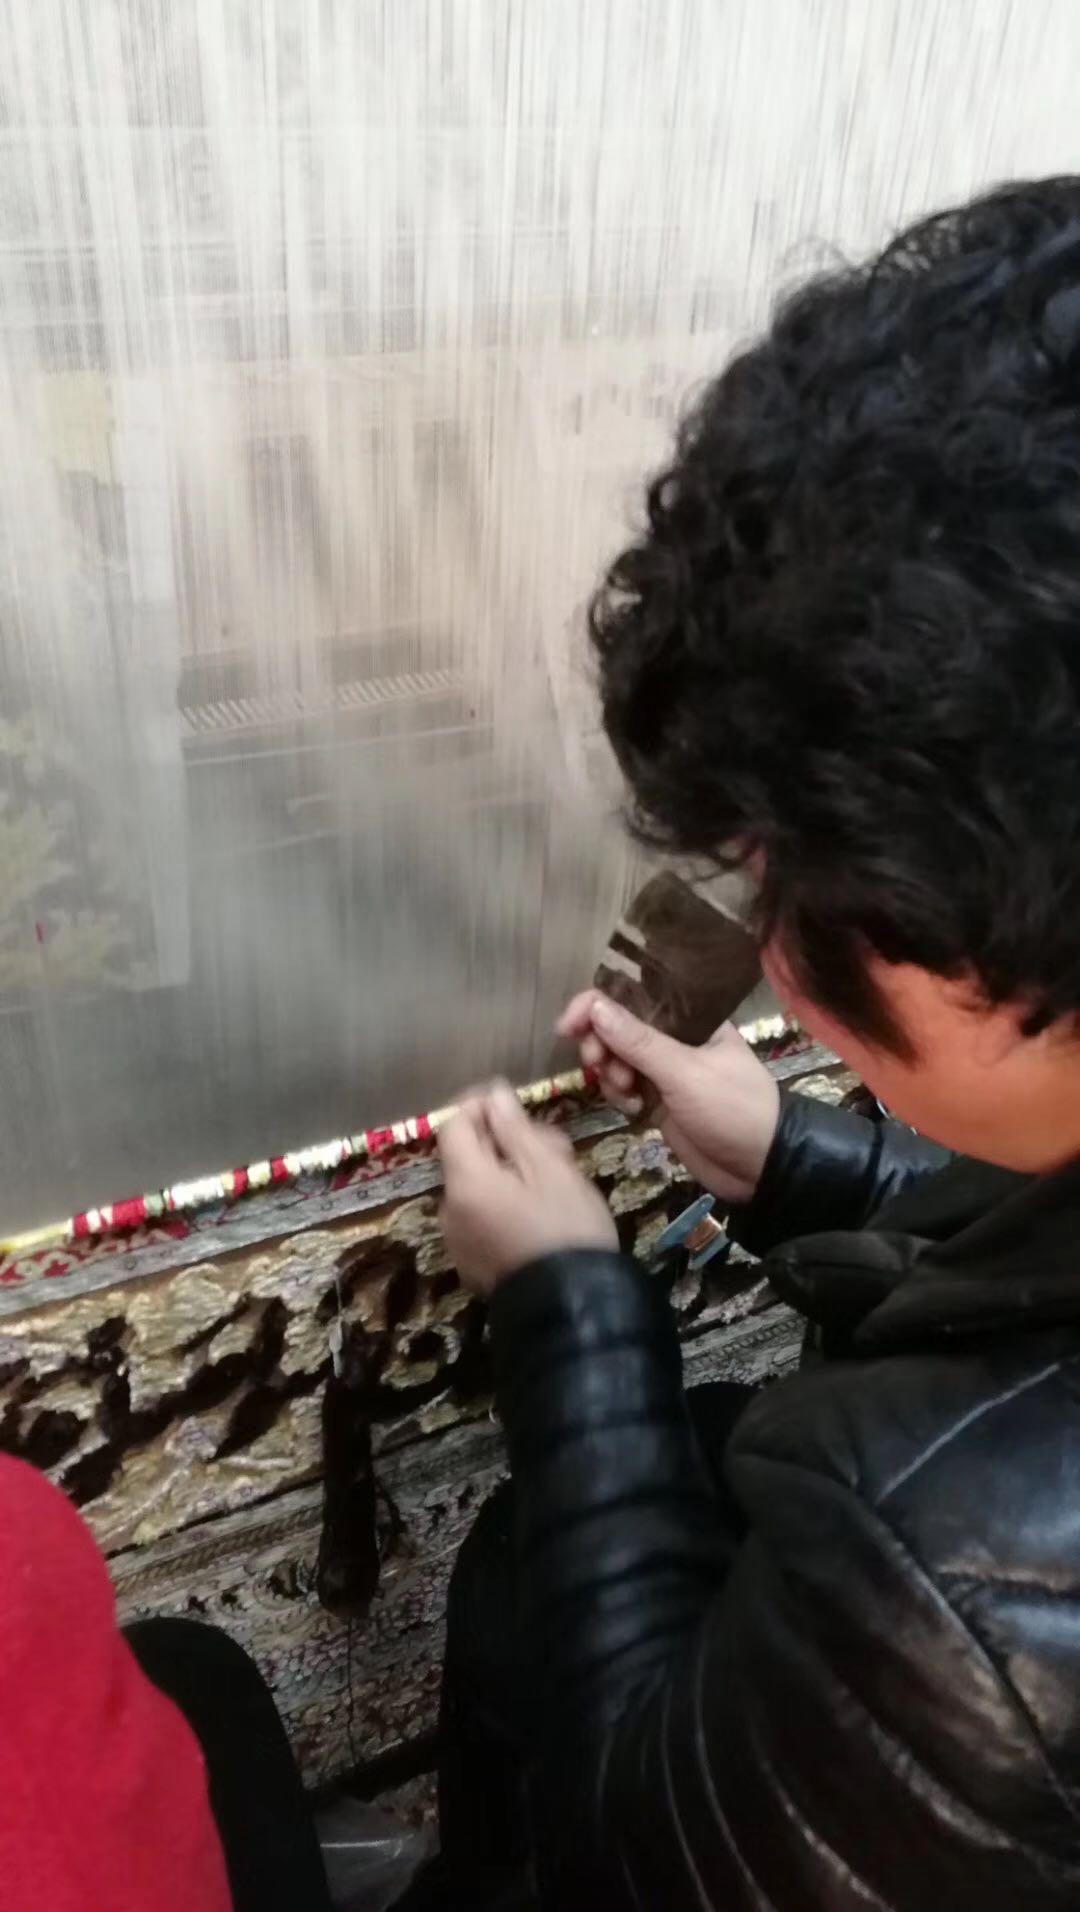 波斯富贵批发生产手工真丝 8X10 ft,艺术地毯 波斯地毯, 3